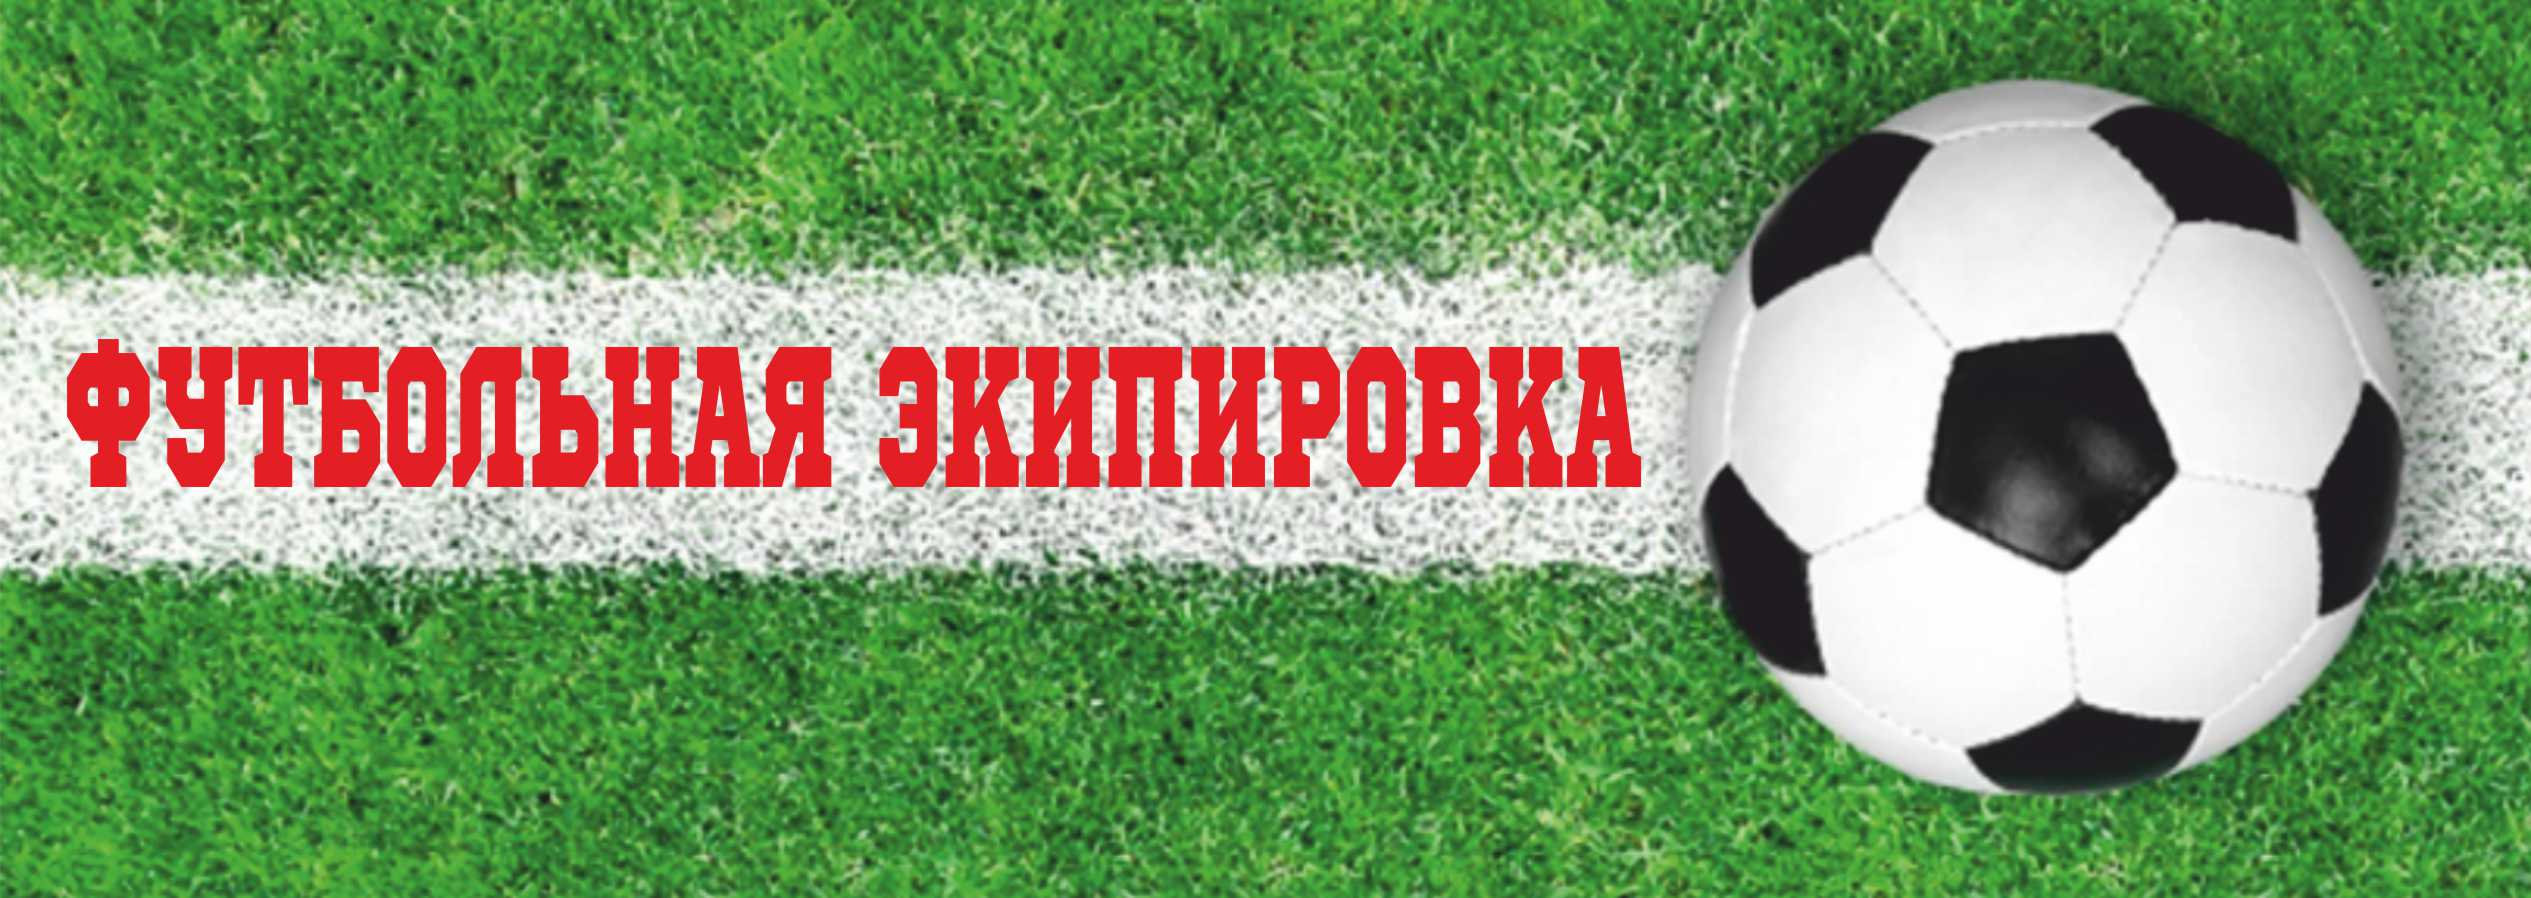 Перейти в раздел футбольной экипировки можно здесь (нажать) b6414f72e33